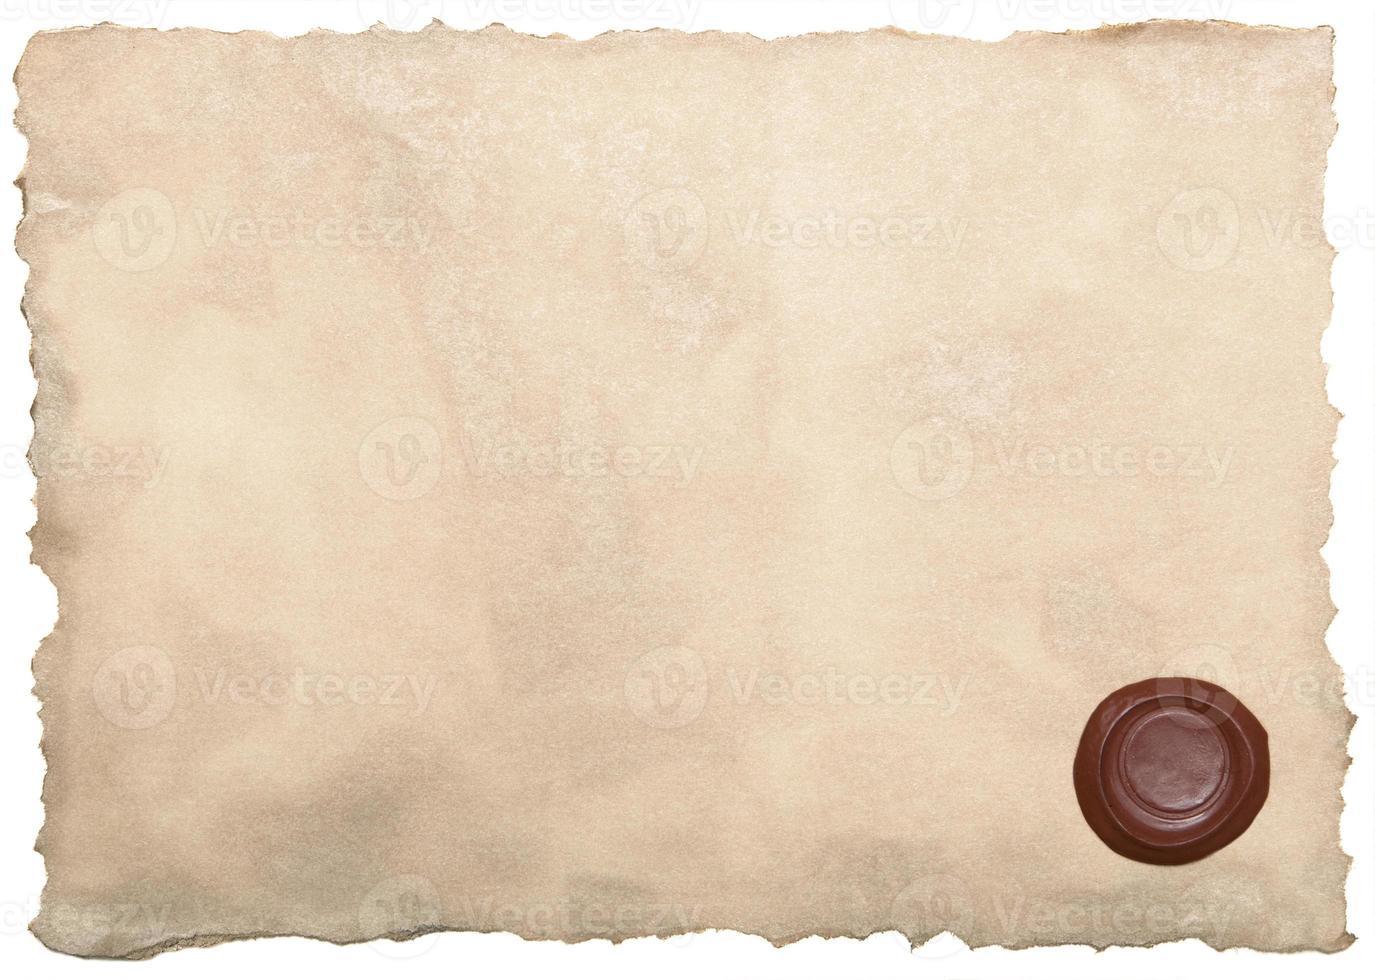 altes Papier mit Wachssiegel isoliert auf weiß foto